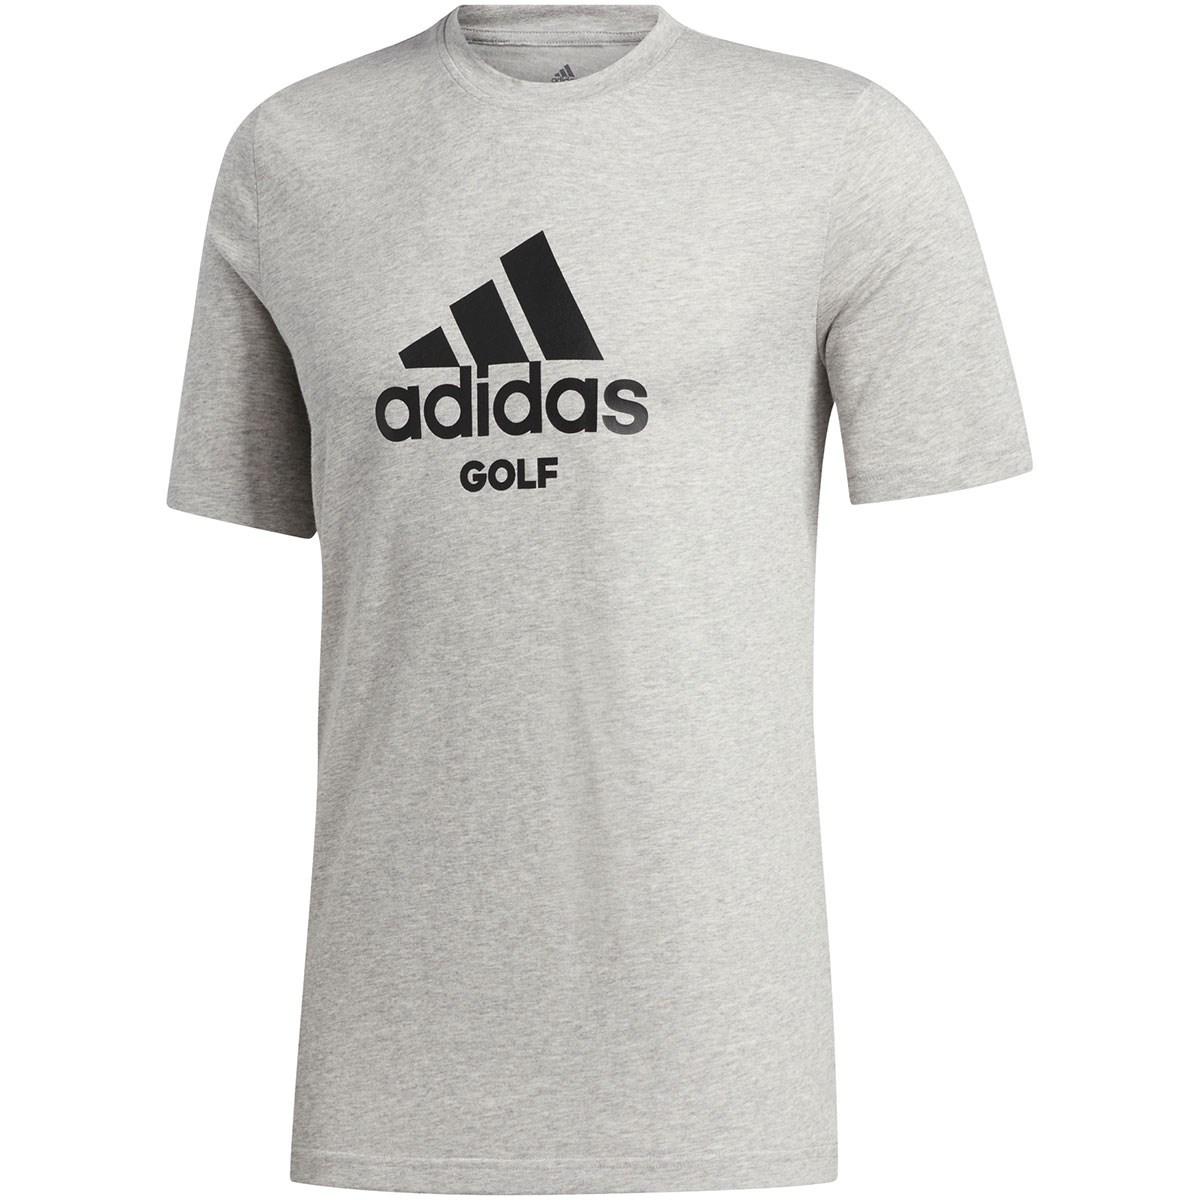 アディダス Adidas 半袖Tシャツ S ミディアムグレーヘザー